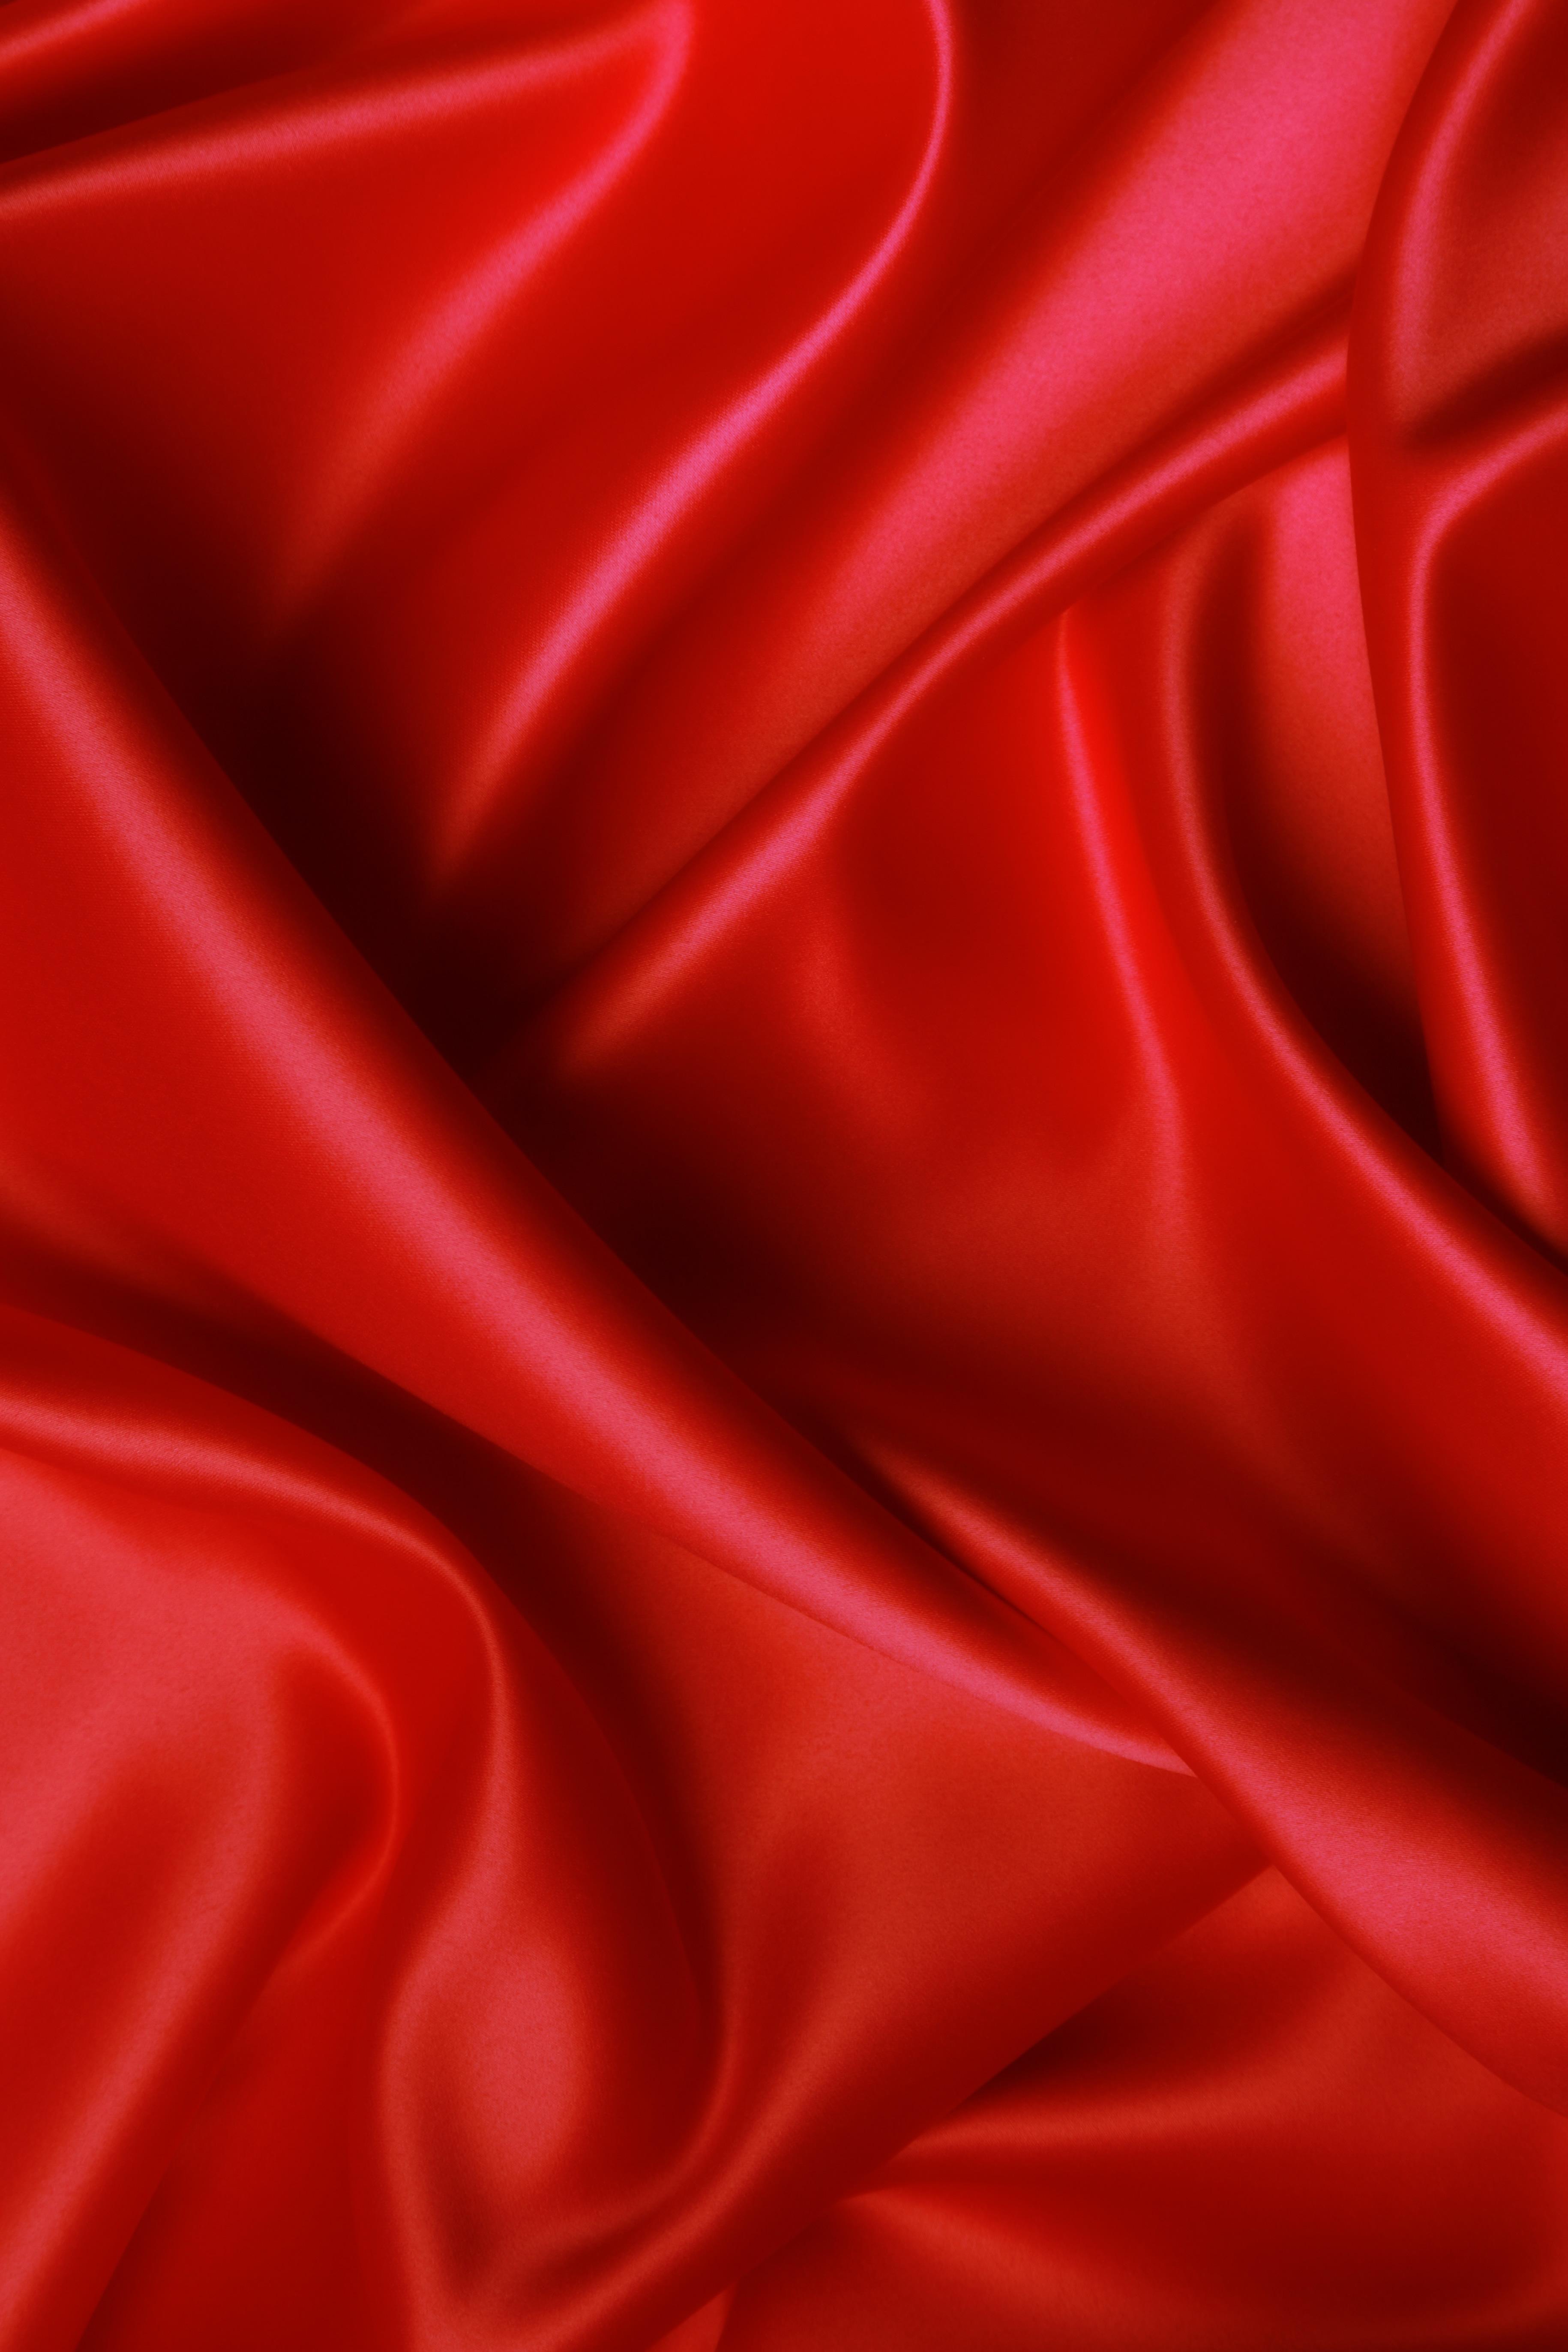 Red Velvet Background Tumblr